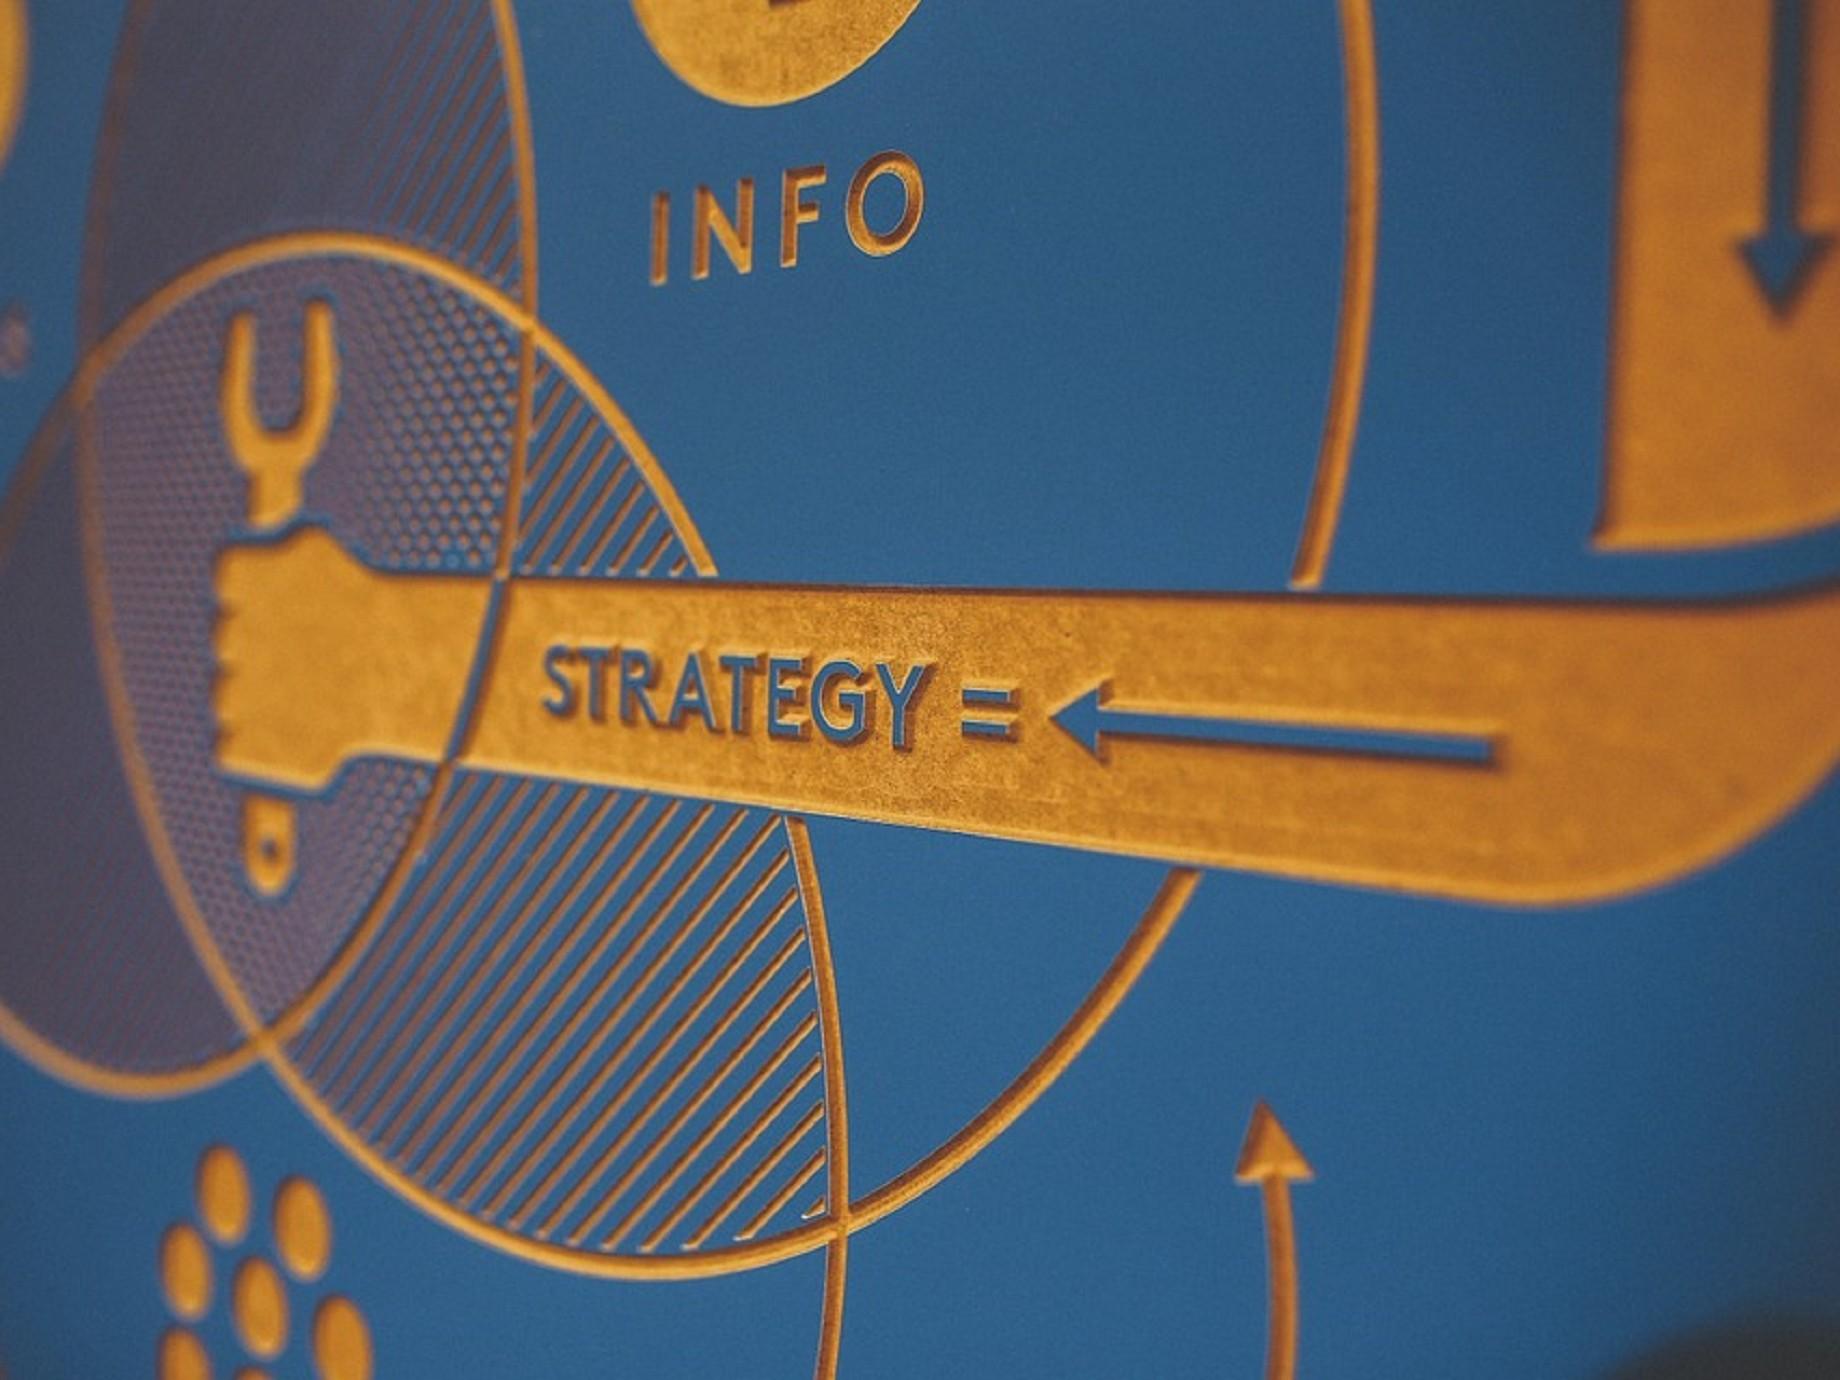 沒有預算優勢,也有這4招做好網路行銷